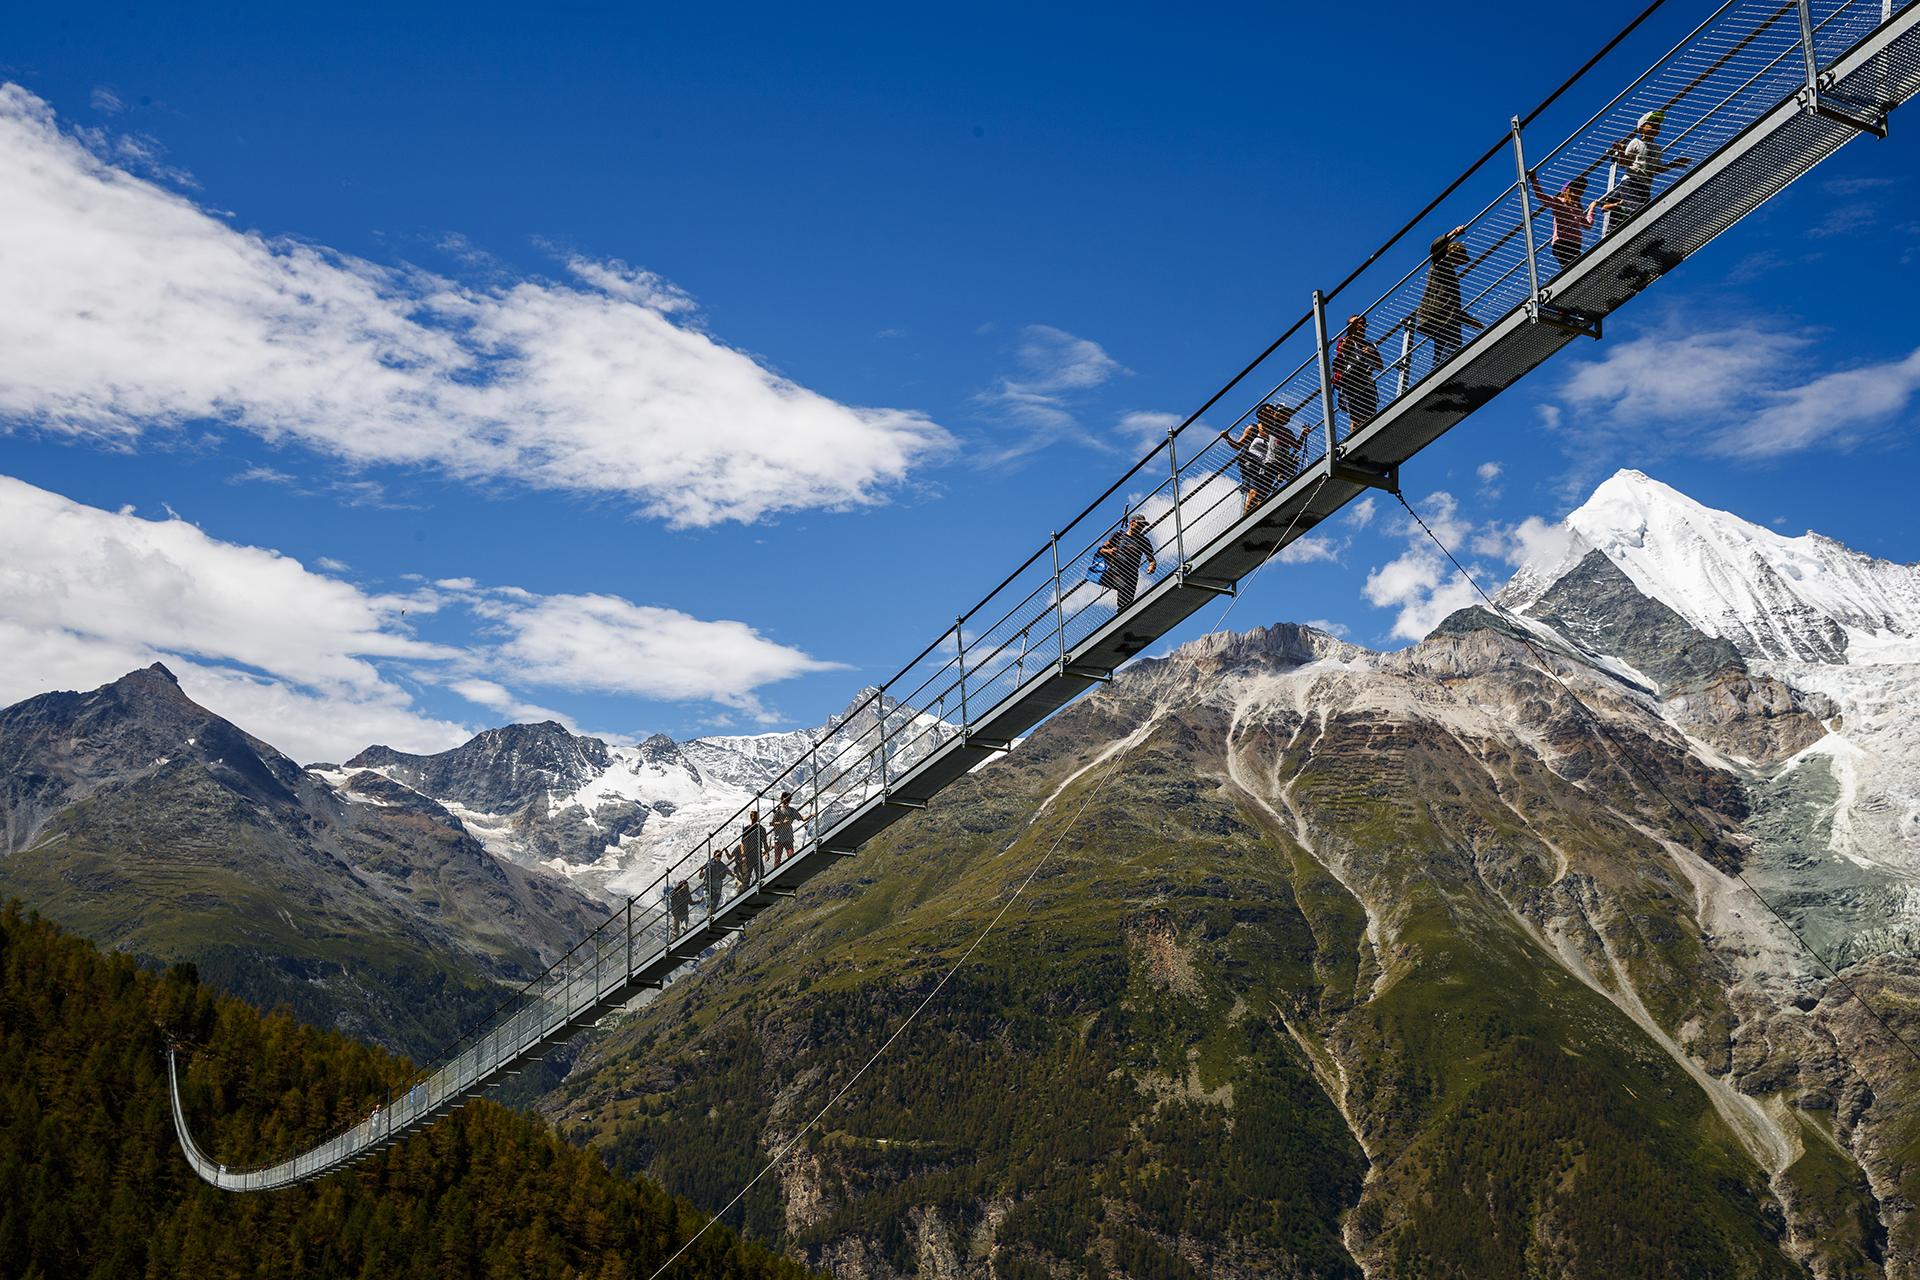 Los primeros turistas cruzan el Europabrücke, el puente colgante más largo del mundo(Valentin Flauraud/Keystone via AP)